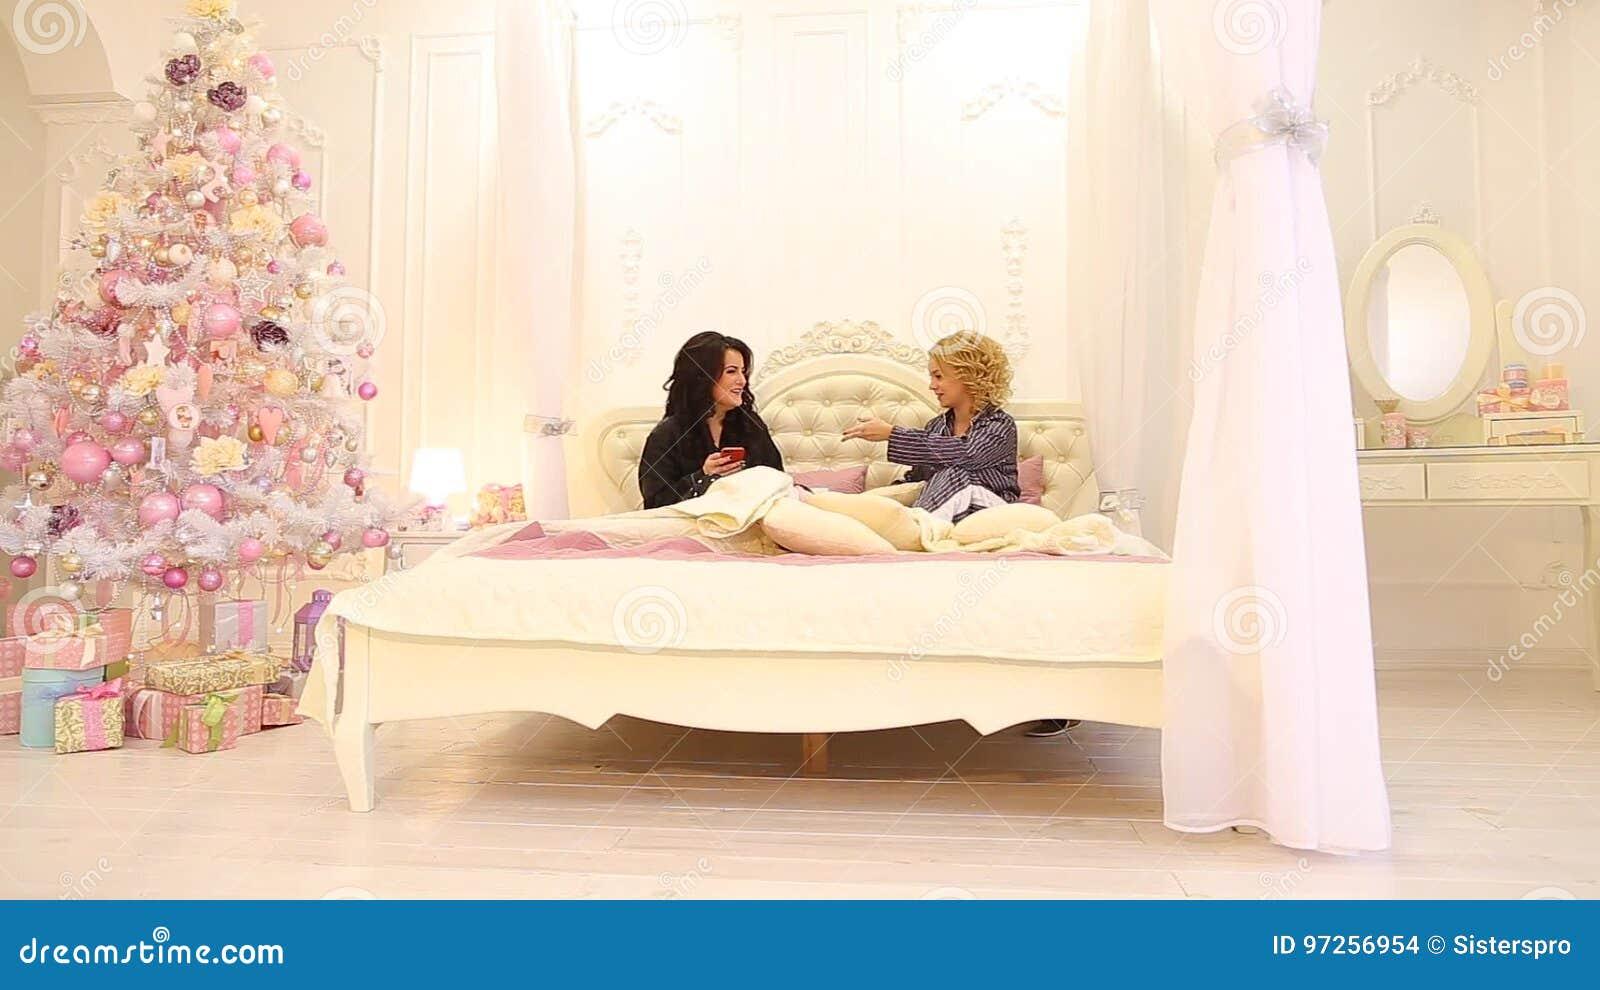 zwei nackte madchen zusammen im bett